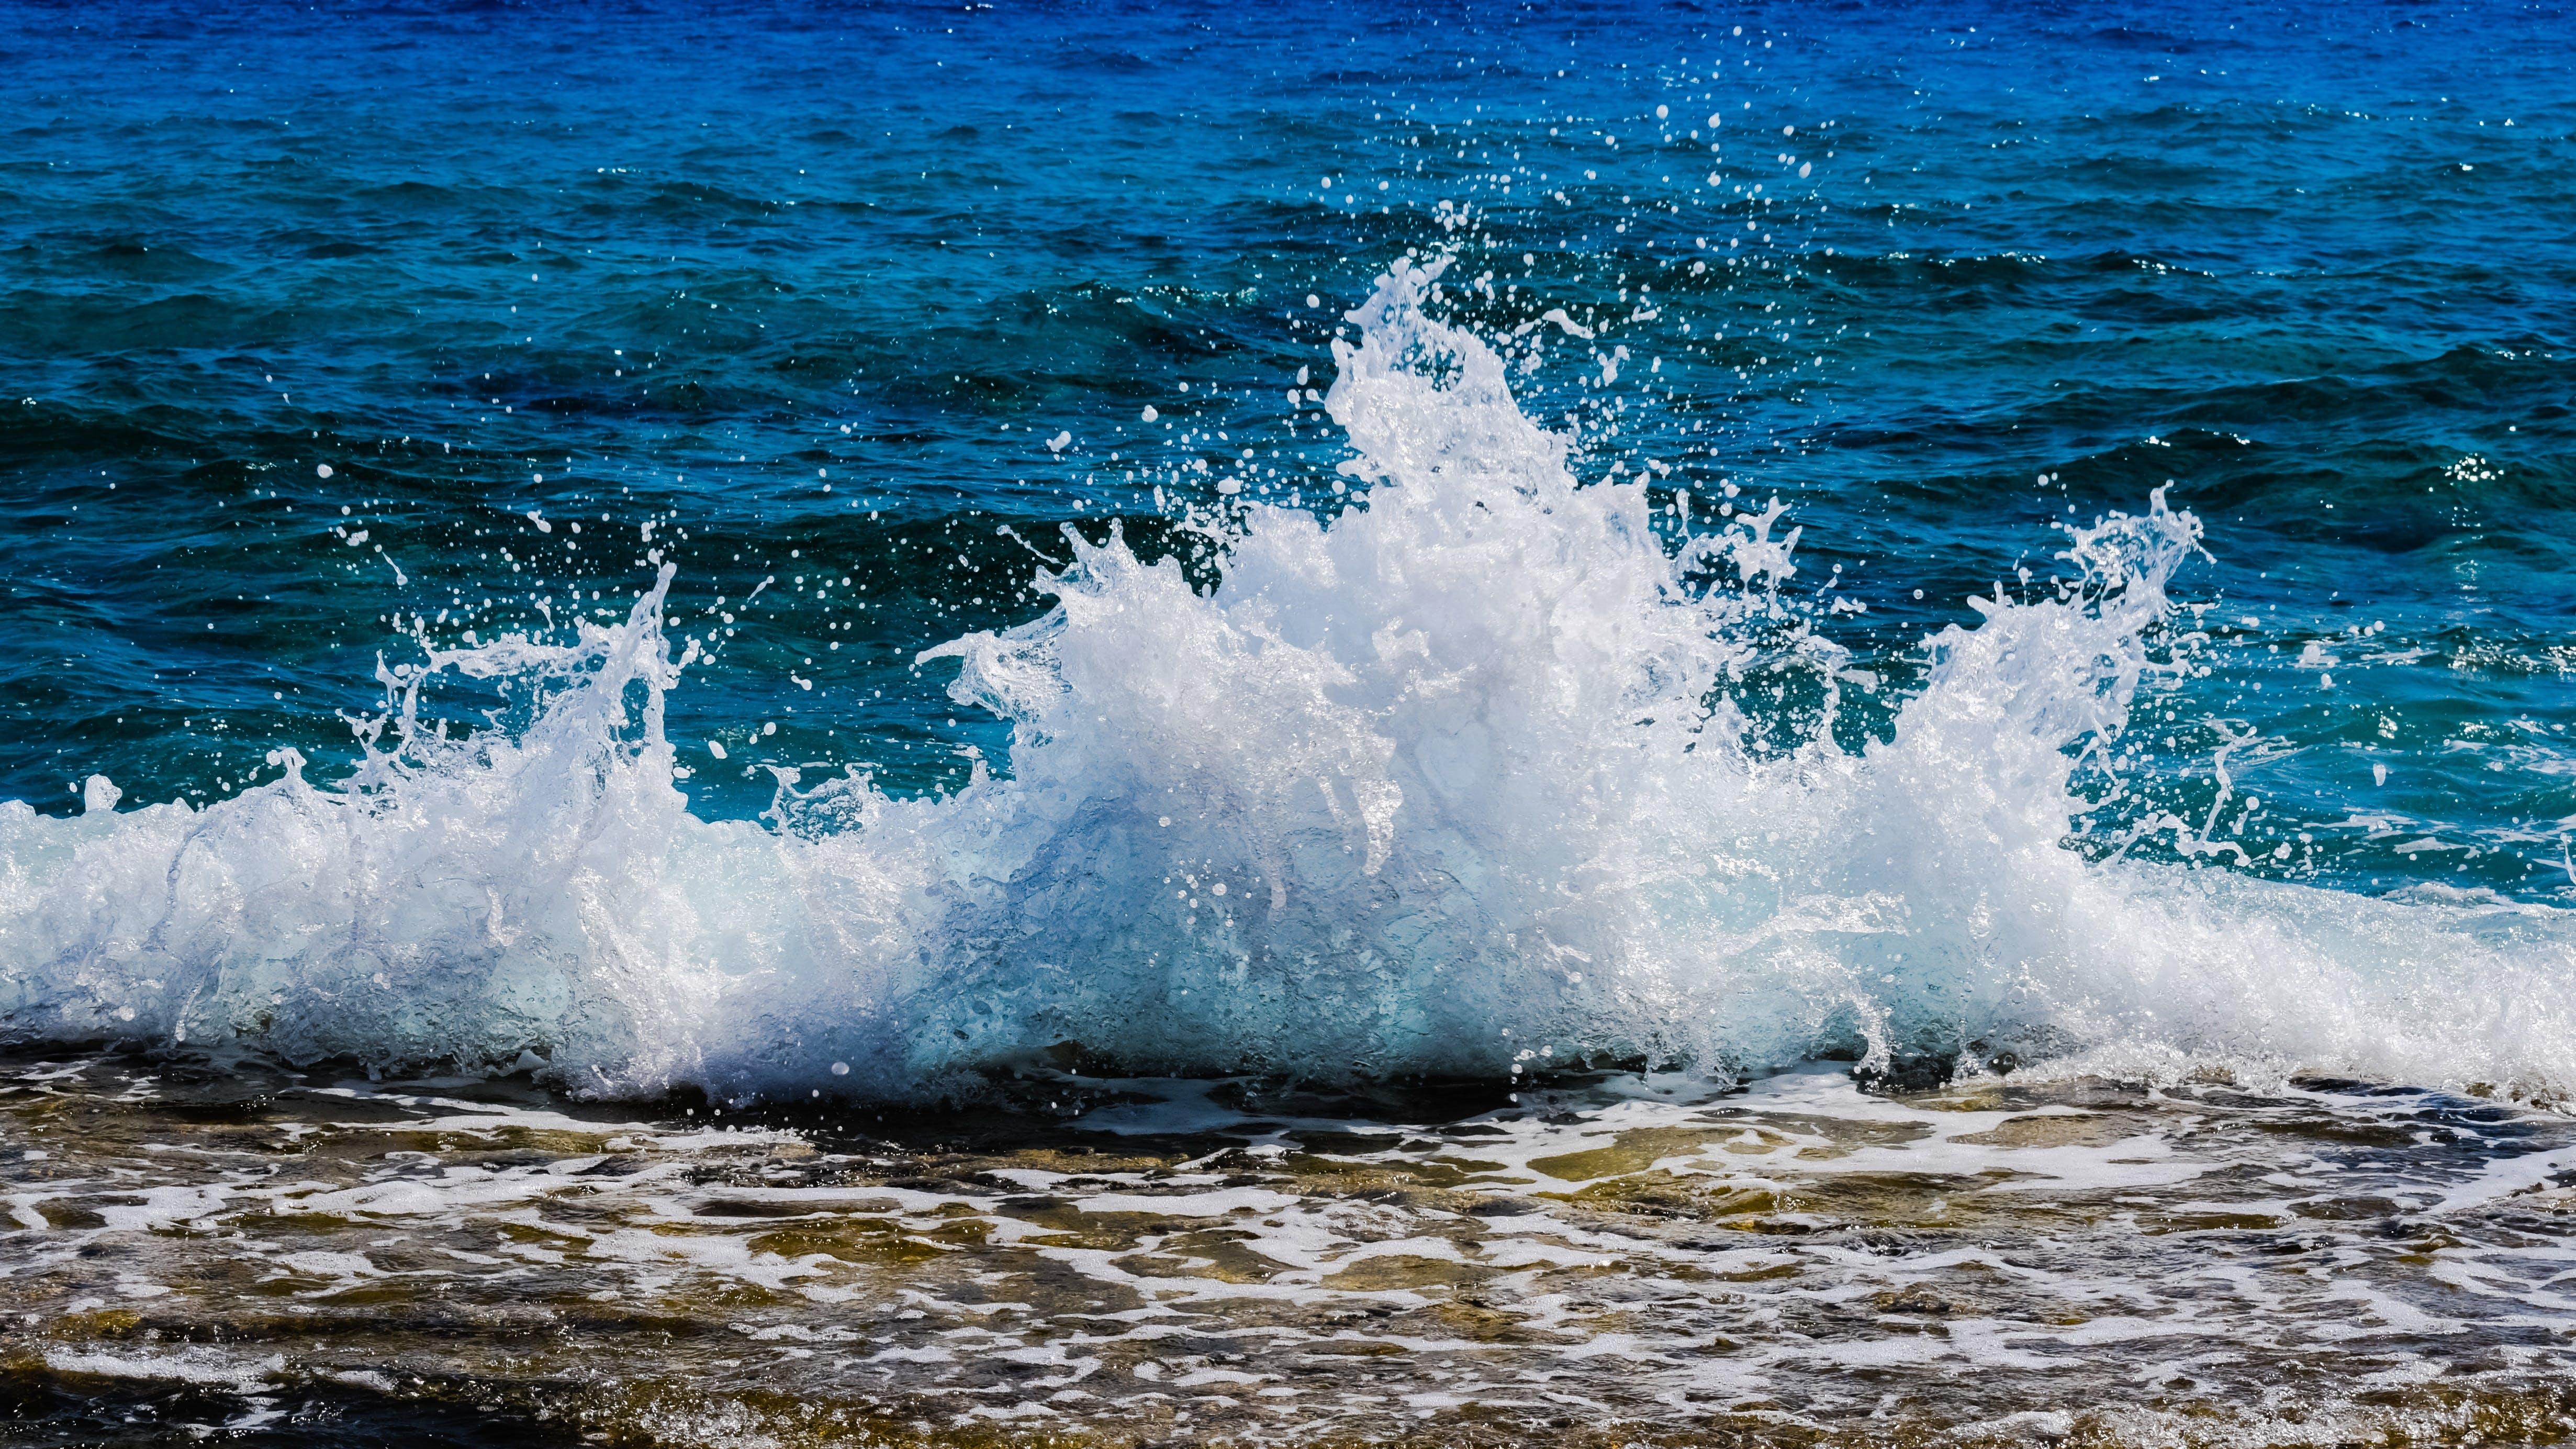 Seashore Splashing on Shoreline